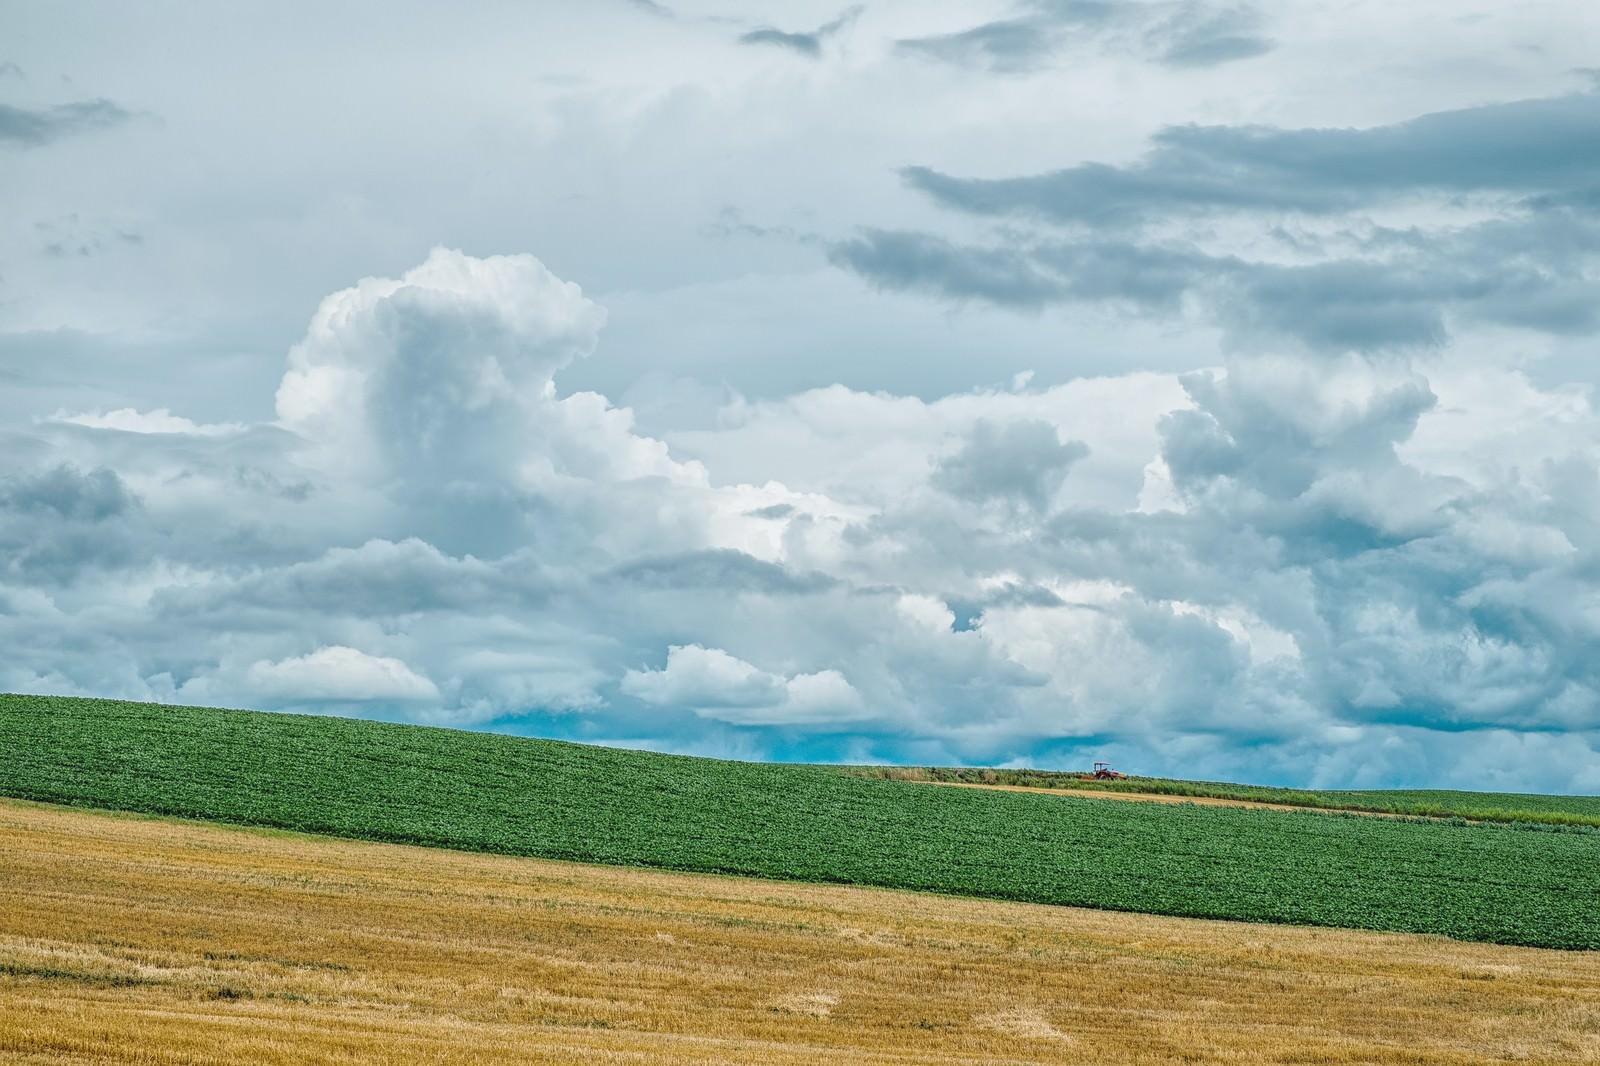 「美瑛の丘美瑛の丘」のフリー写真素材を拡大